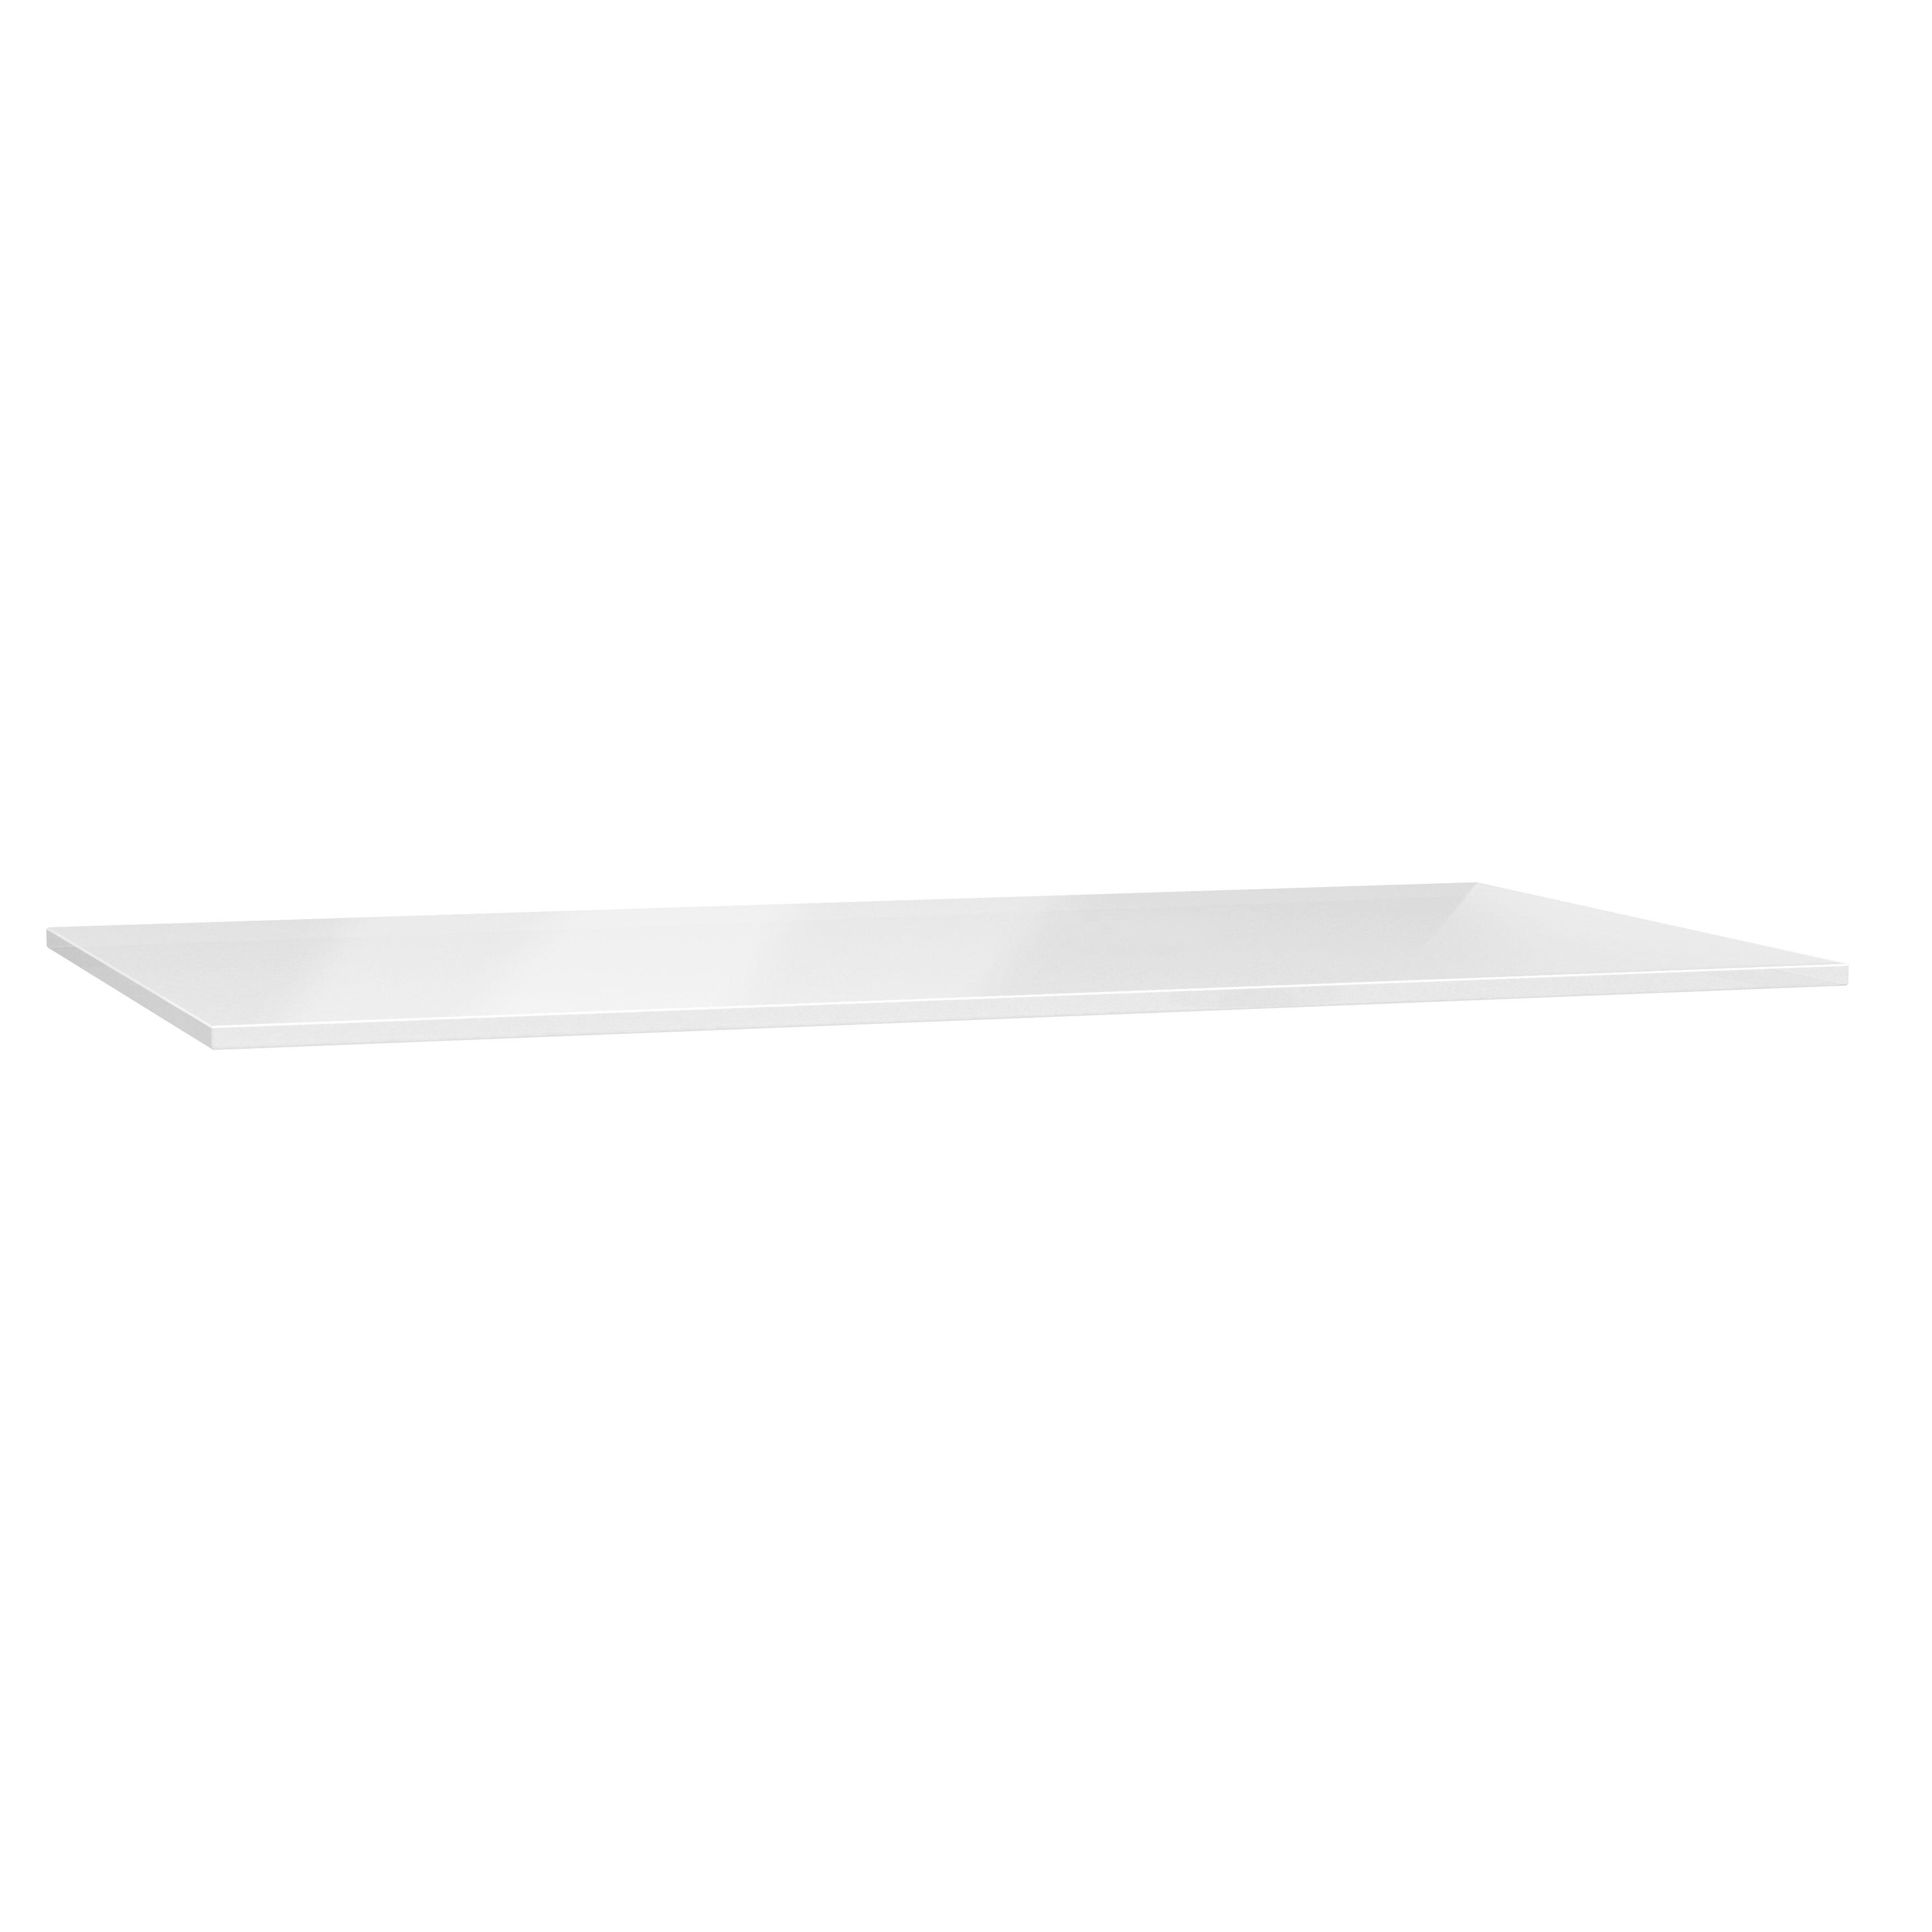 Origin partie supérieure, 90 cm, verre blanc